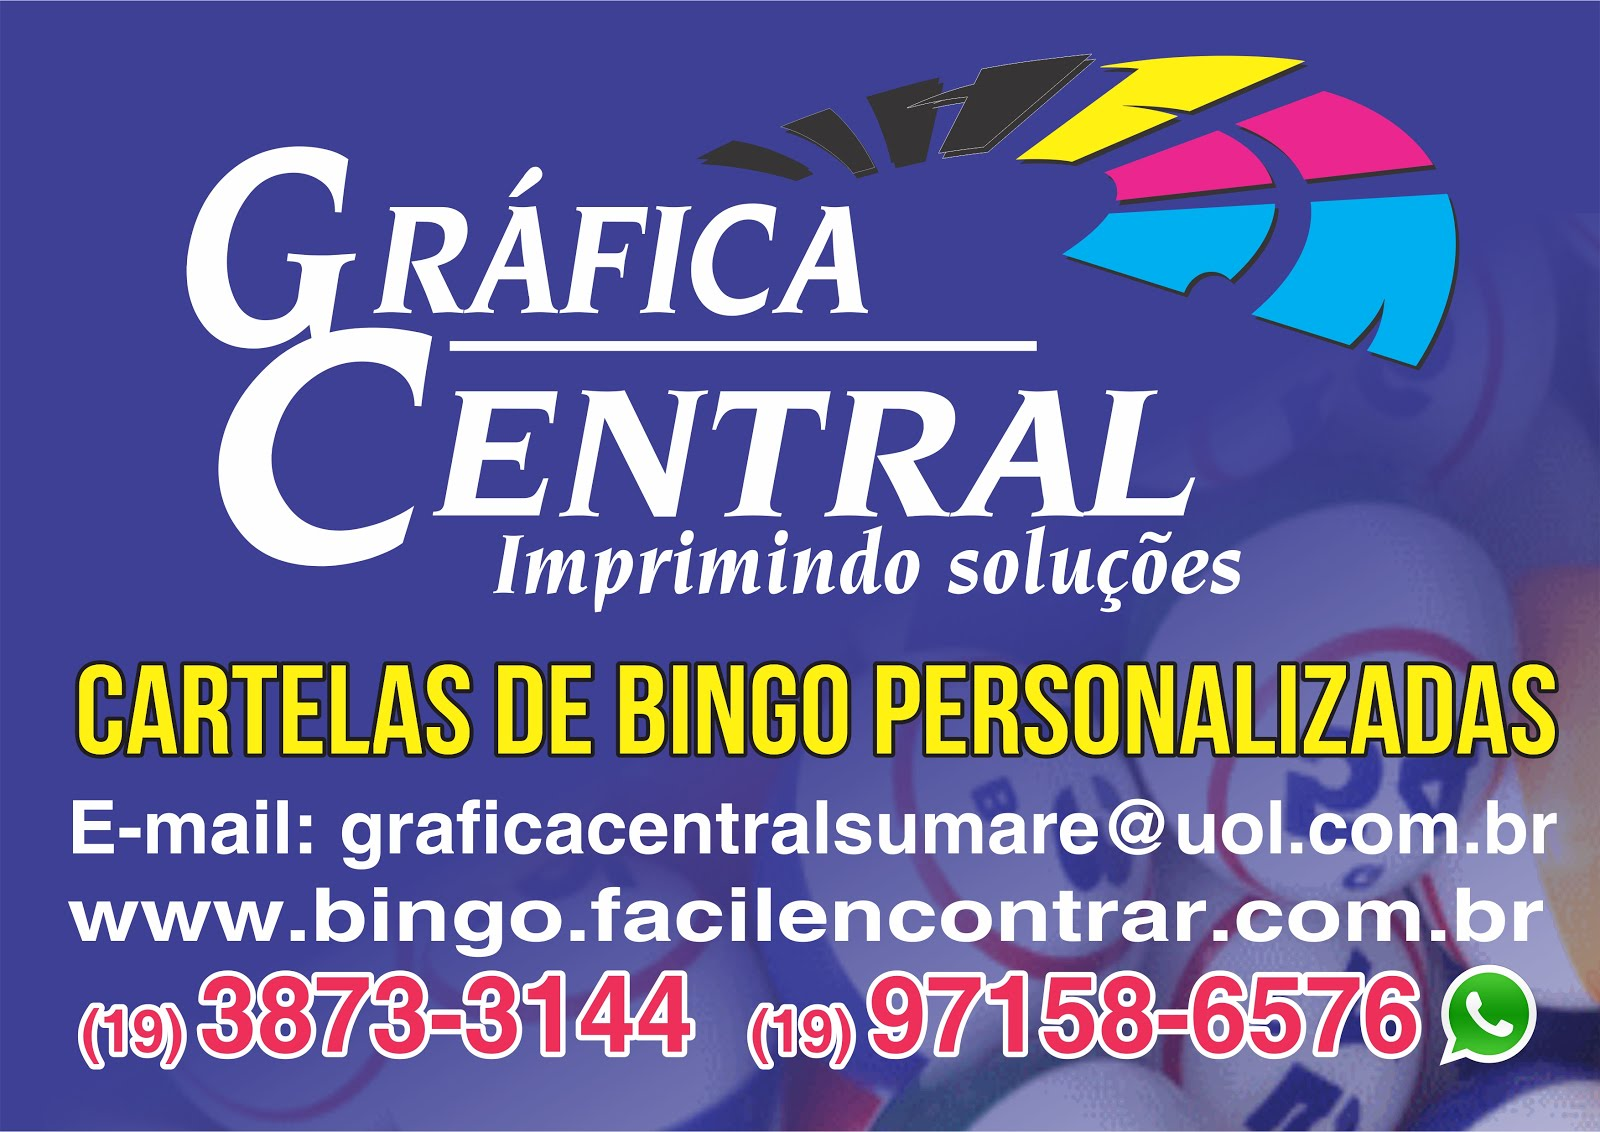 CARTELAS DE BINGO PERSONALIZADAS